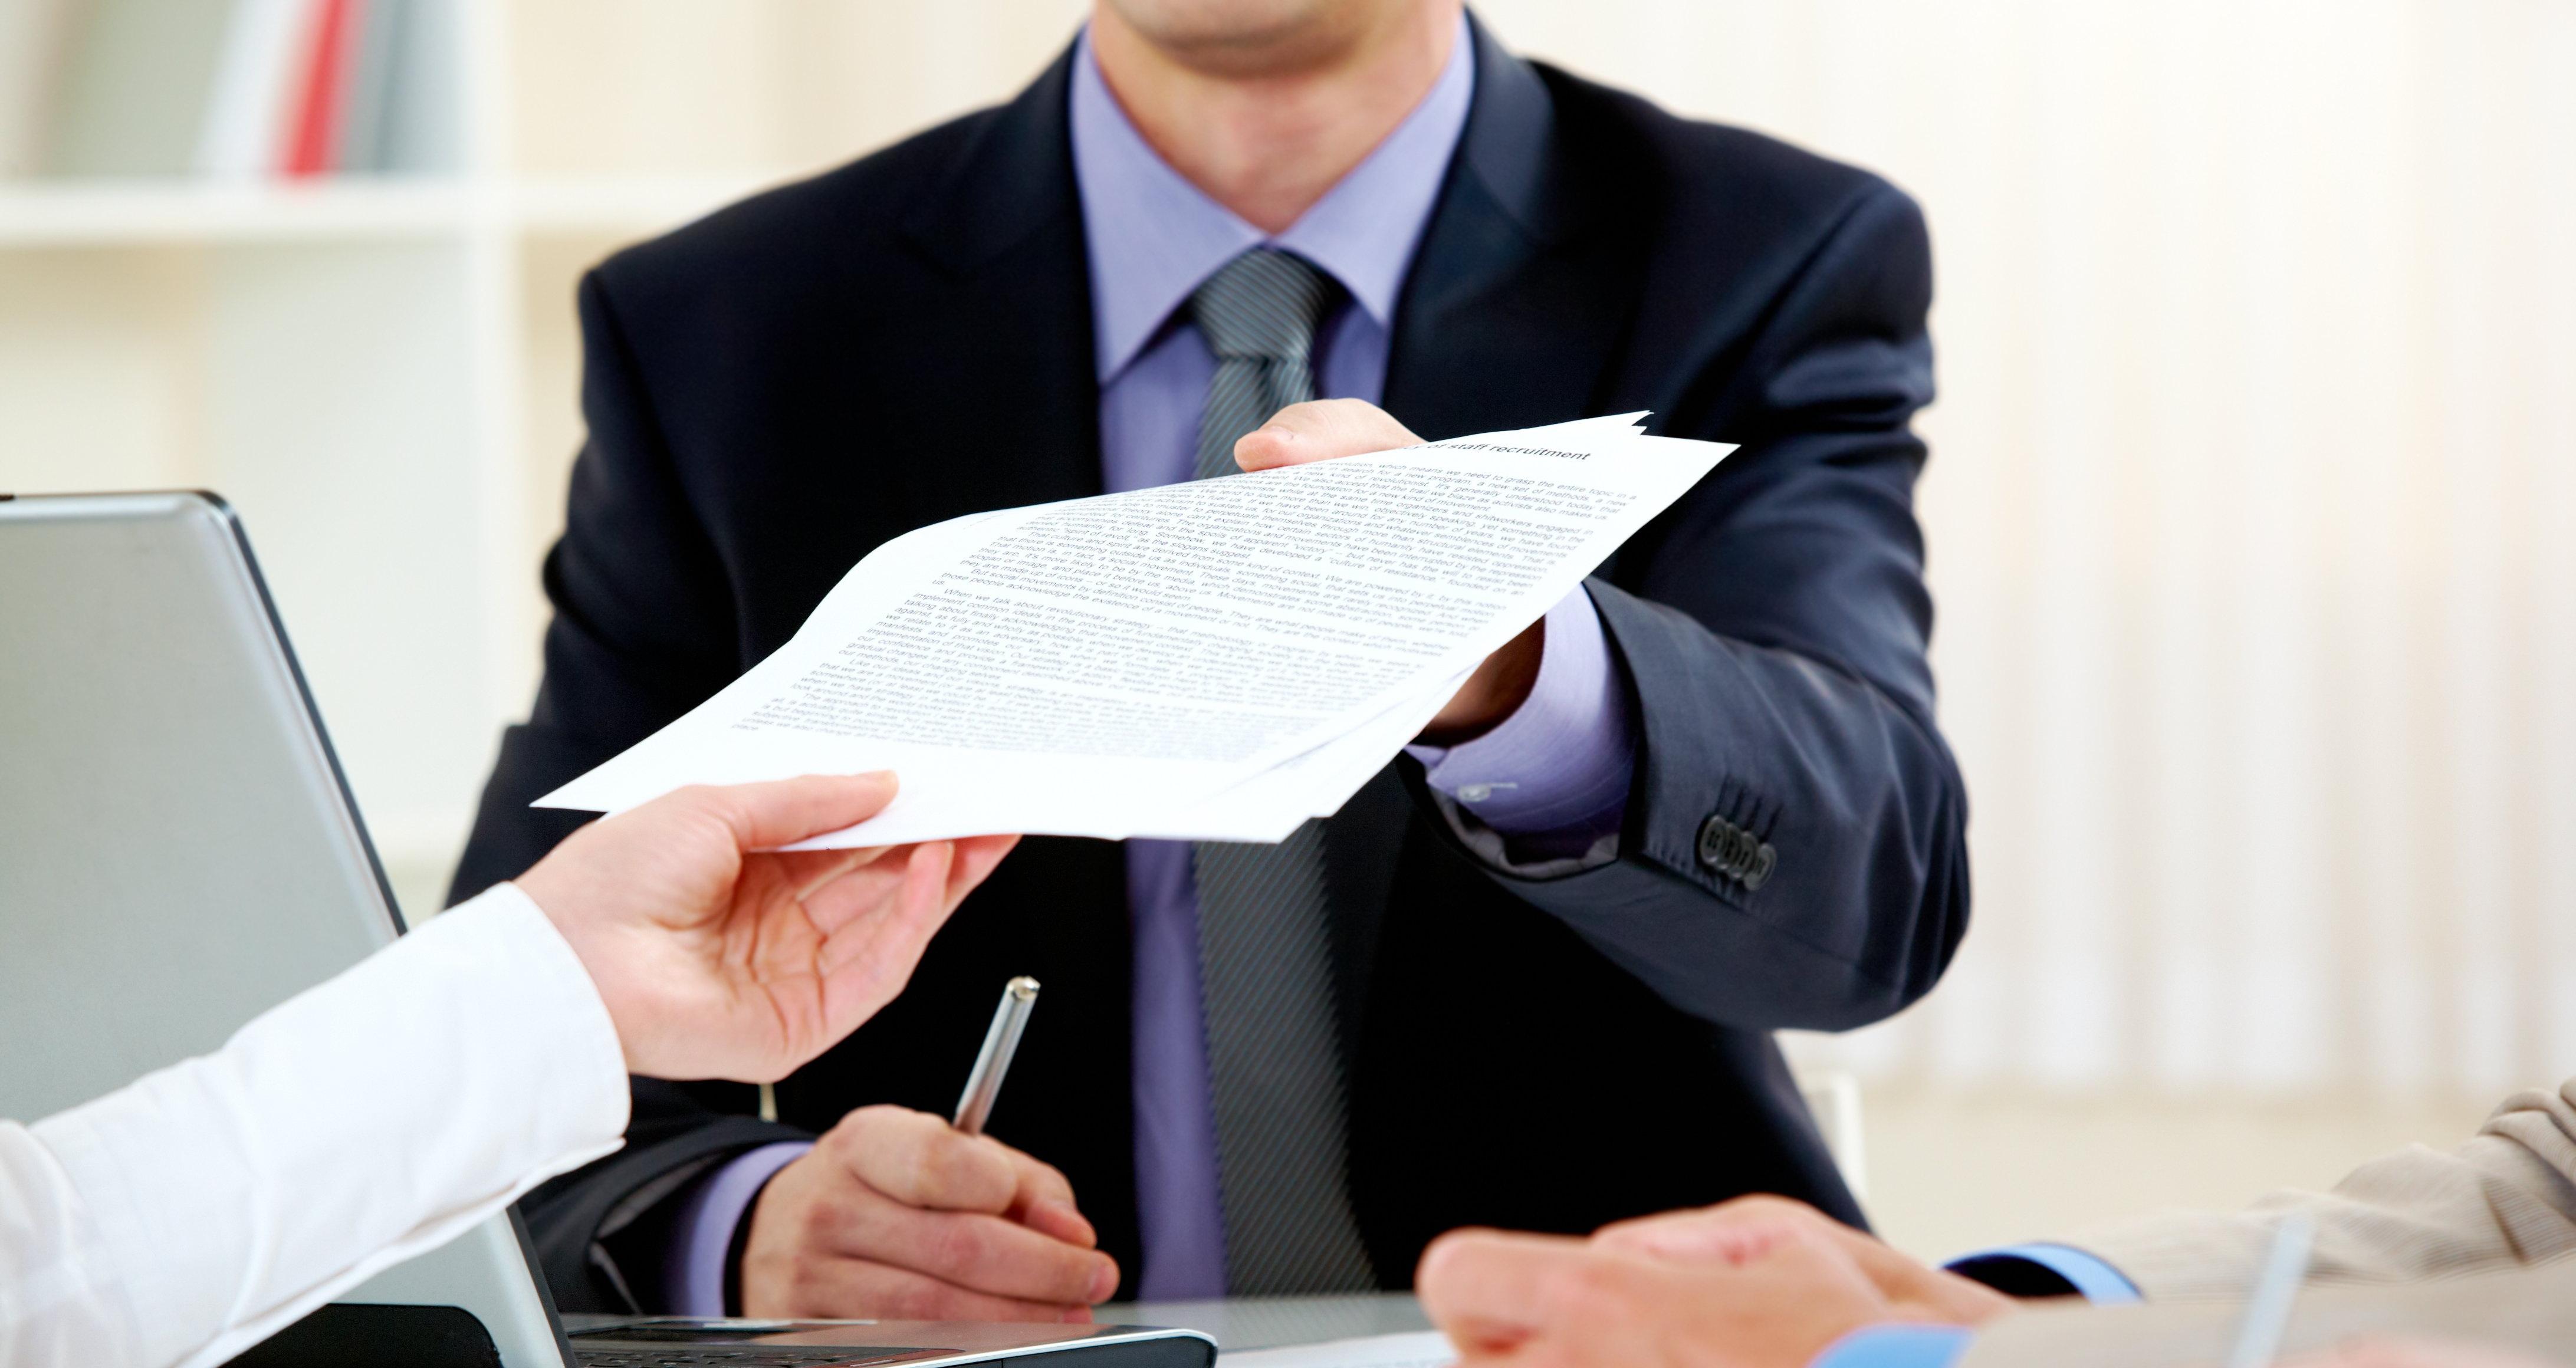 Чтобы встать на учёт на бирже труда, нужно подходить под критерии безработного